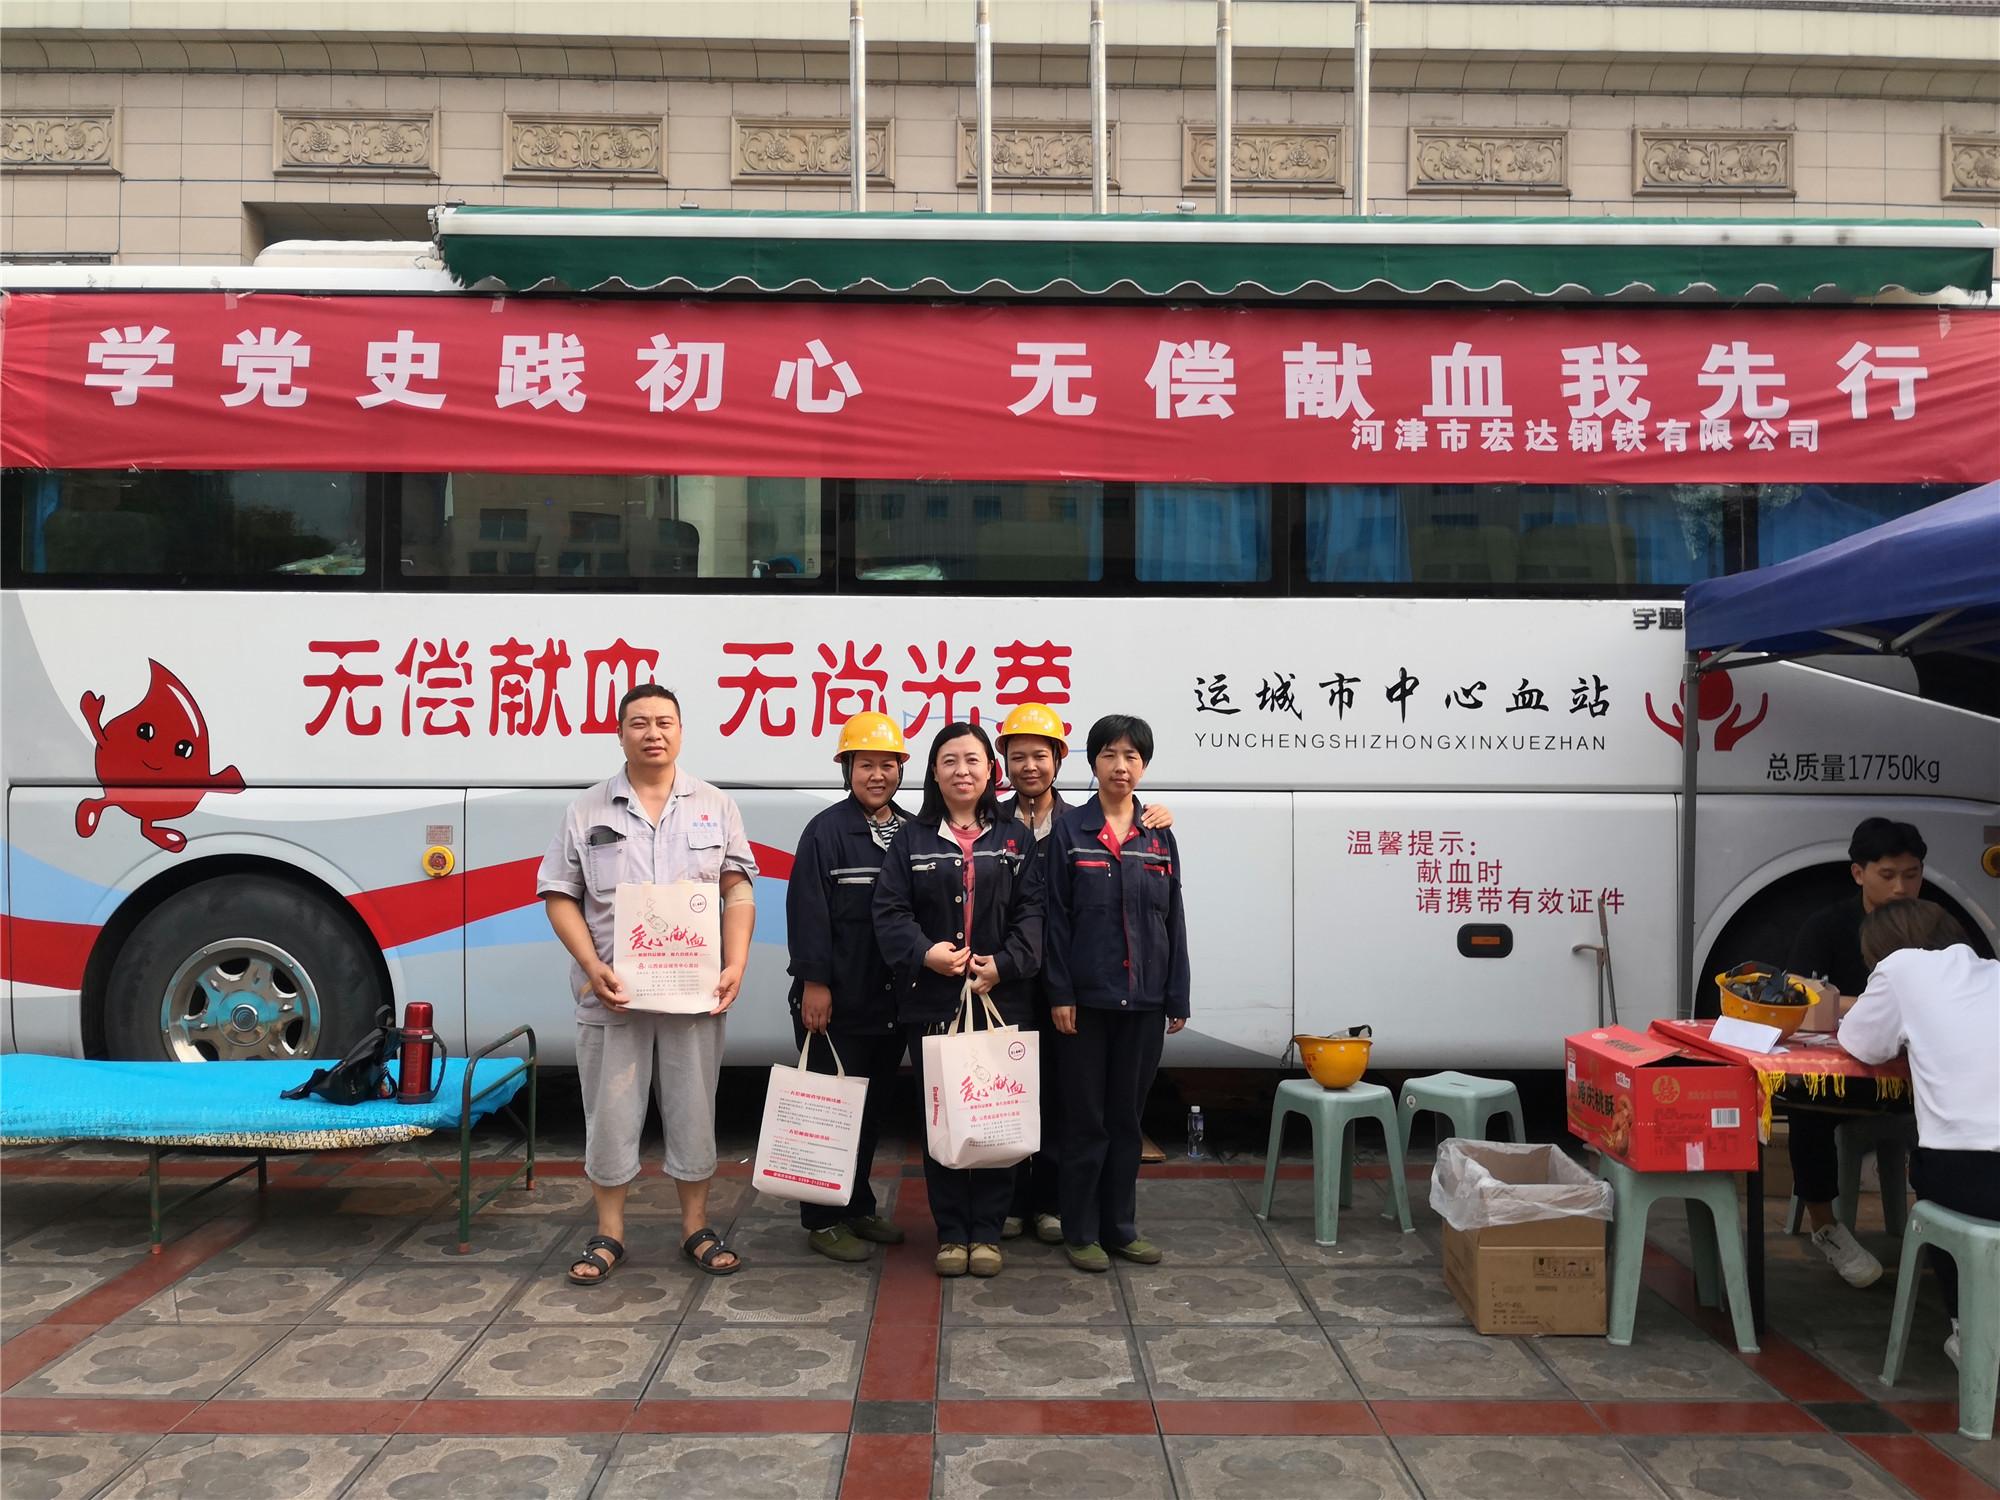 宏达集团开展义务献血活动